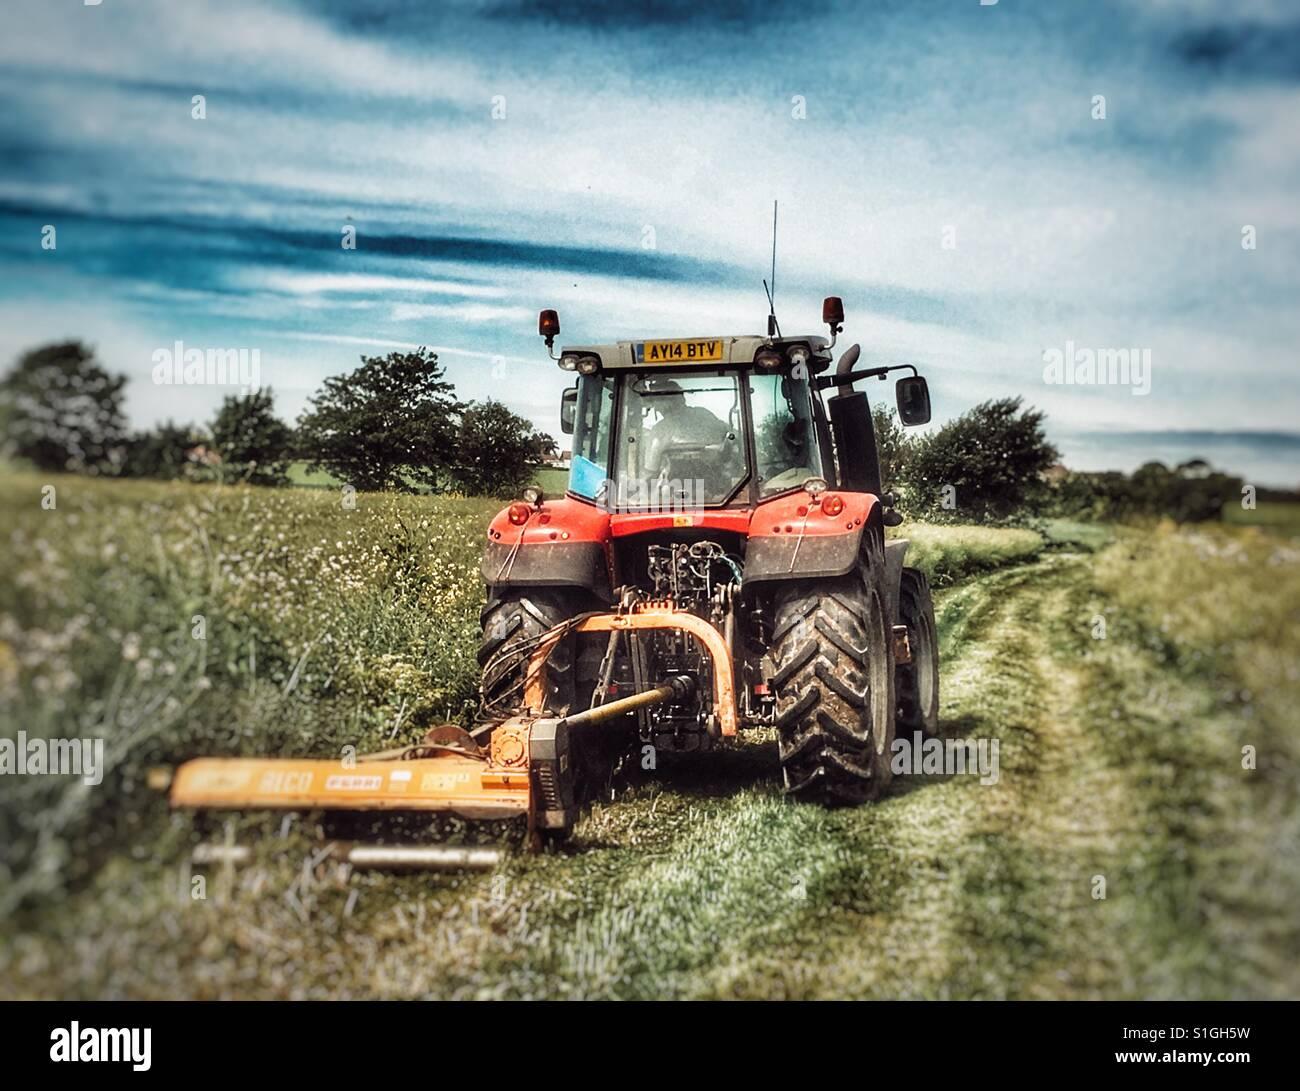 Farmer keeping a public footpath clear, Alderton, Suffolk, England. Stock Photo